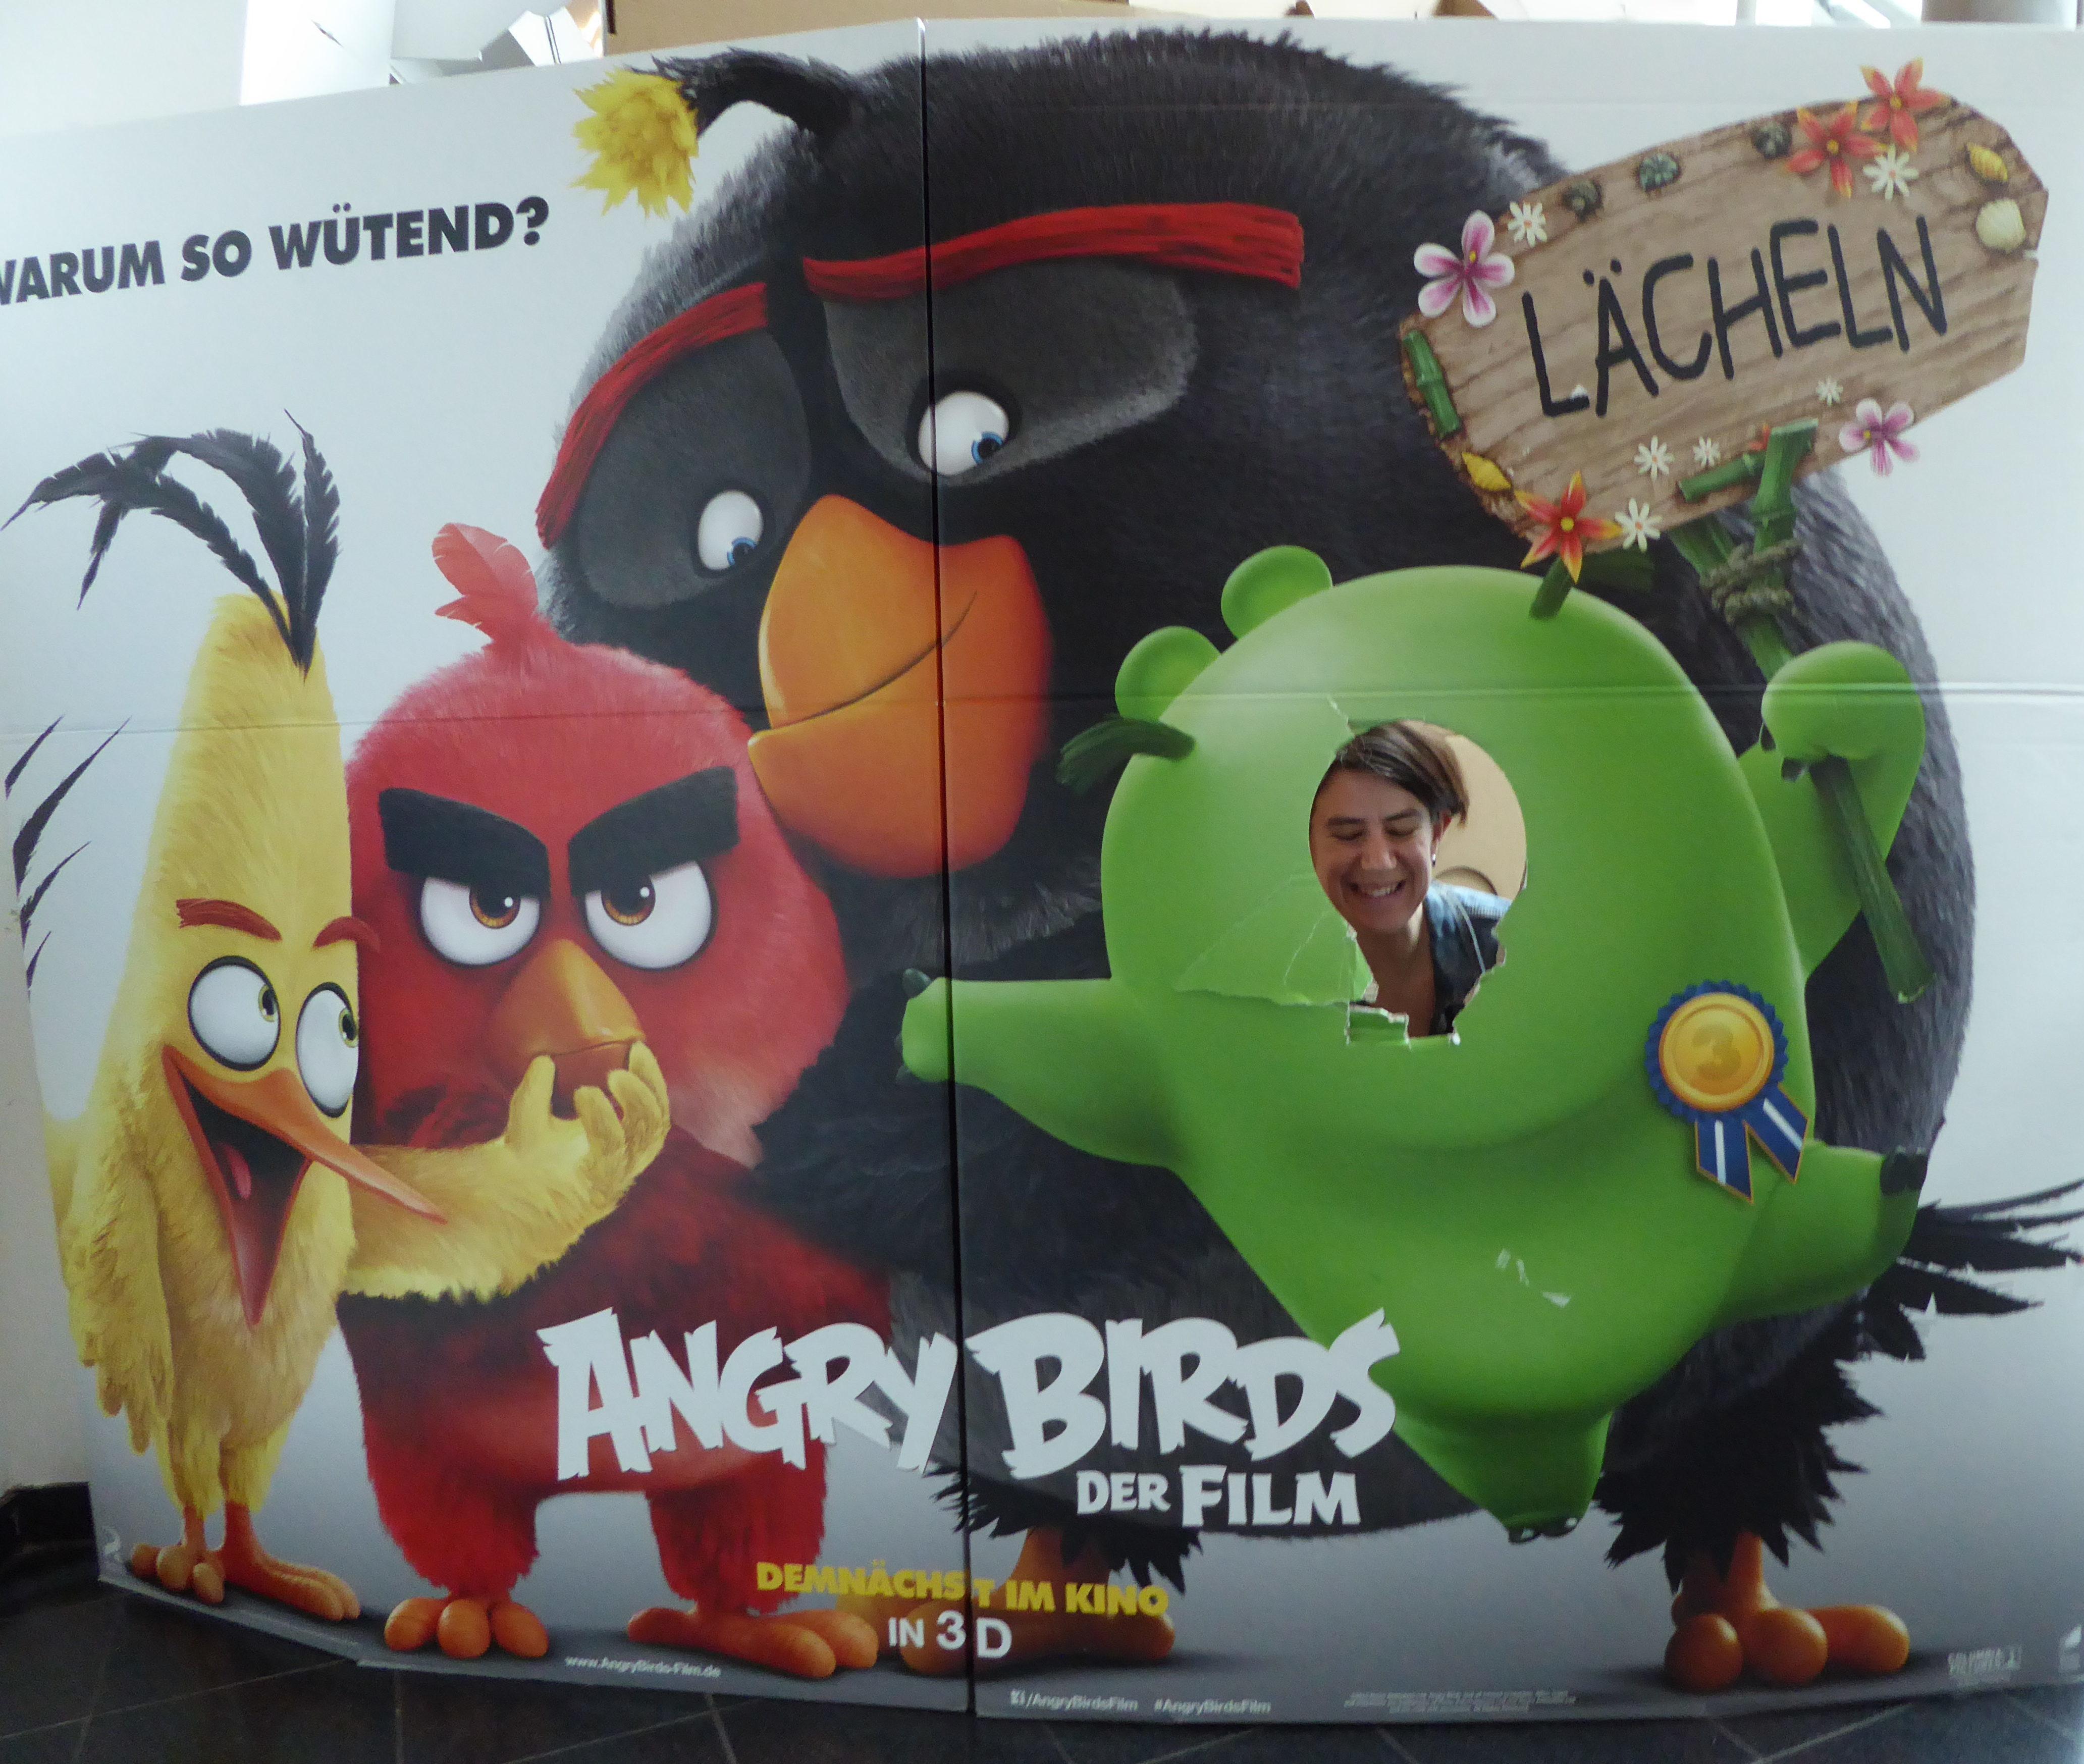 Vogelkunde für Großstadtkinder – zwischen Meisenkasten und Angry Birds